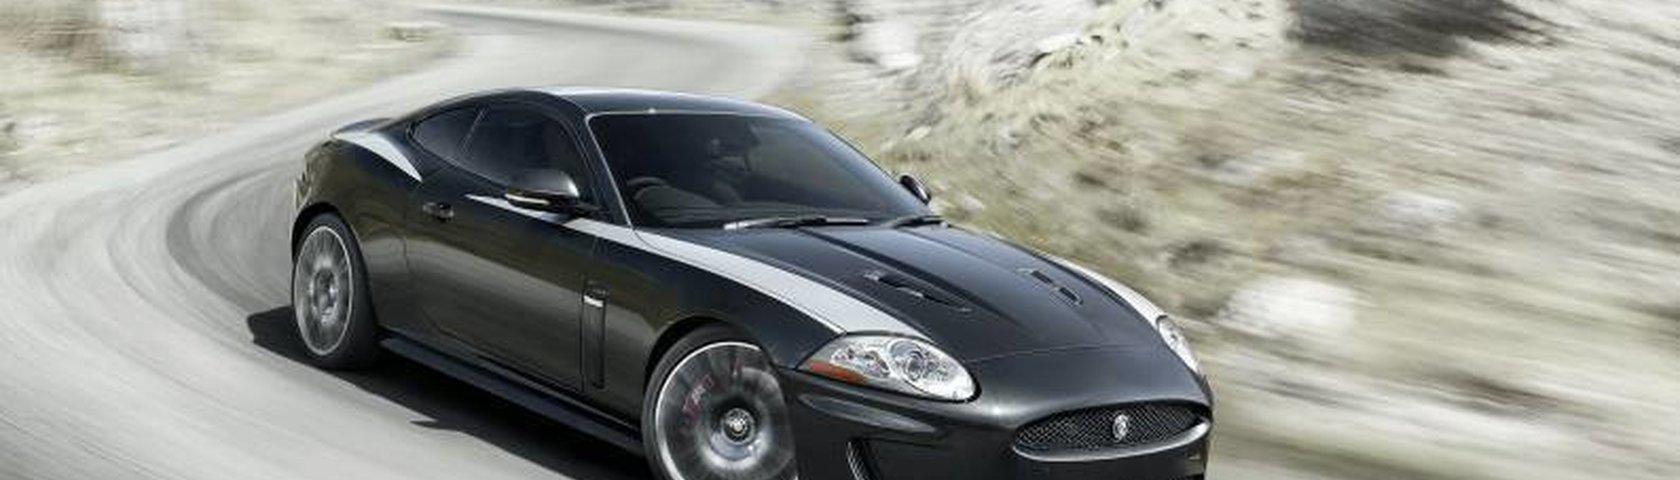 Jaguar Xkr750710 794 529 70